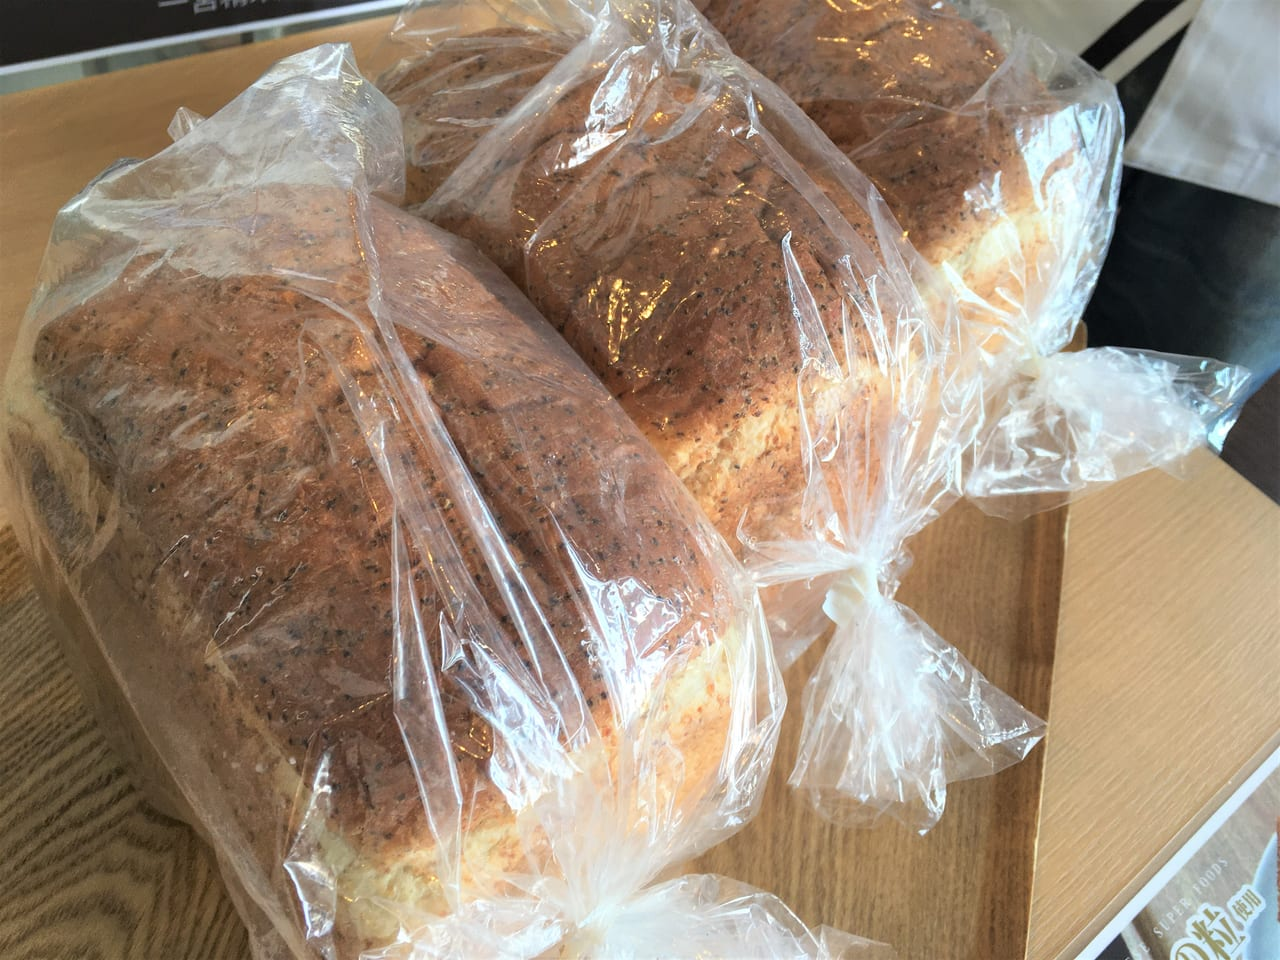 カフェレストランICHIMOで販売開始された国産の米胚芽食パン